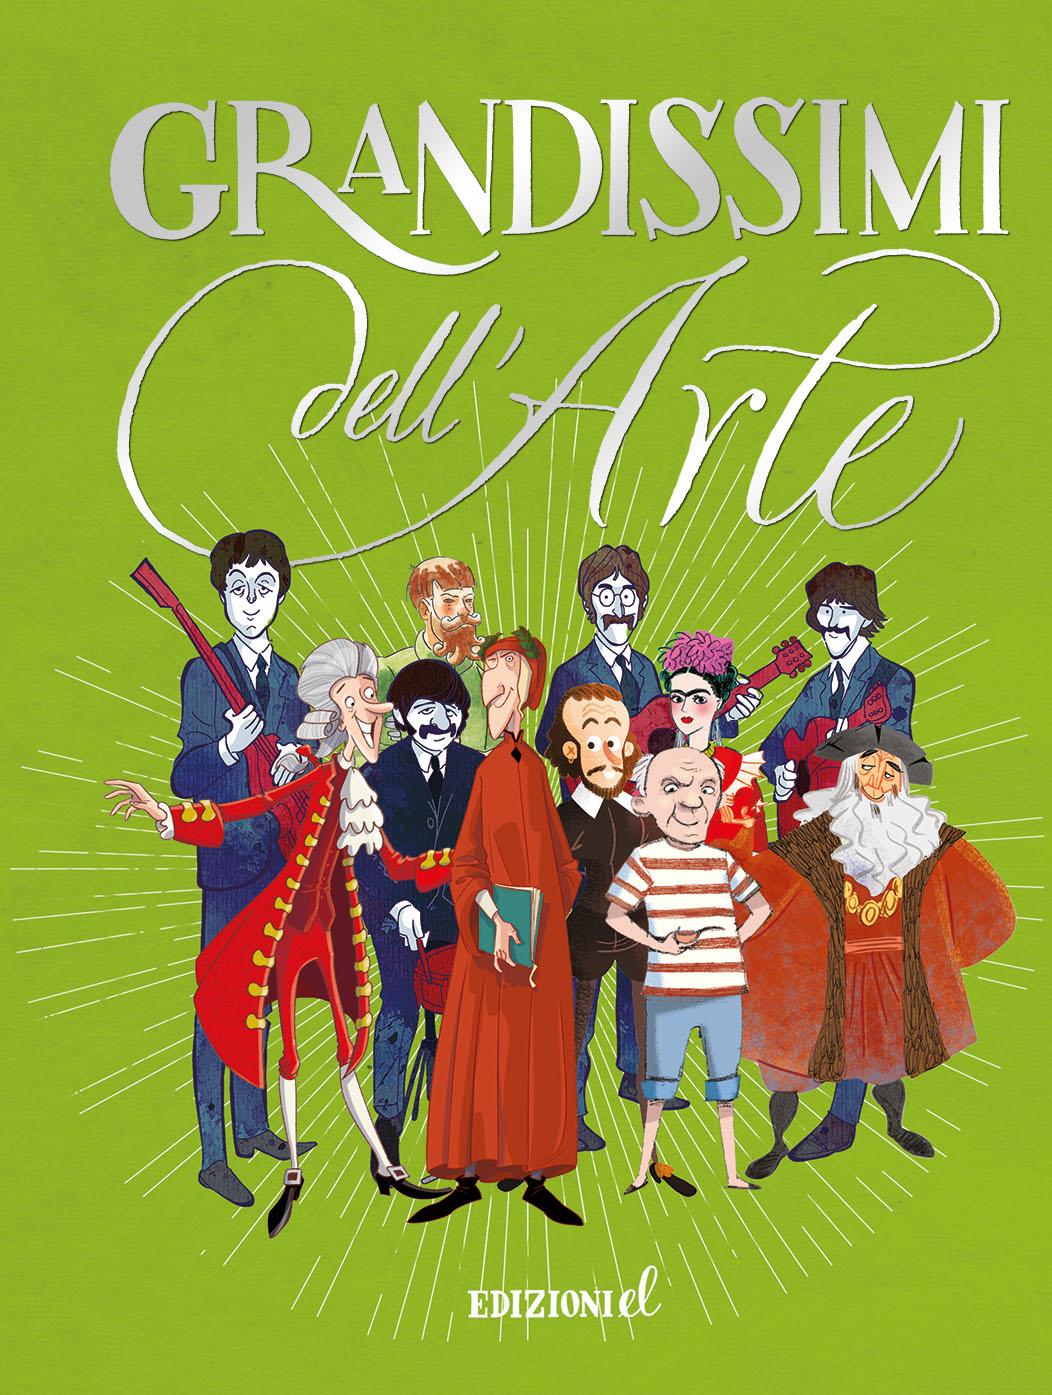 GRANDISSIMI-DELL'ARTE-sabina-colloredo